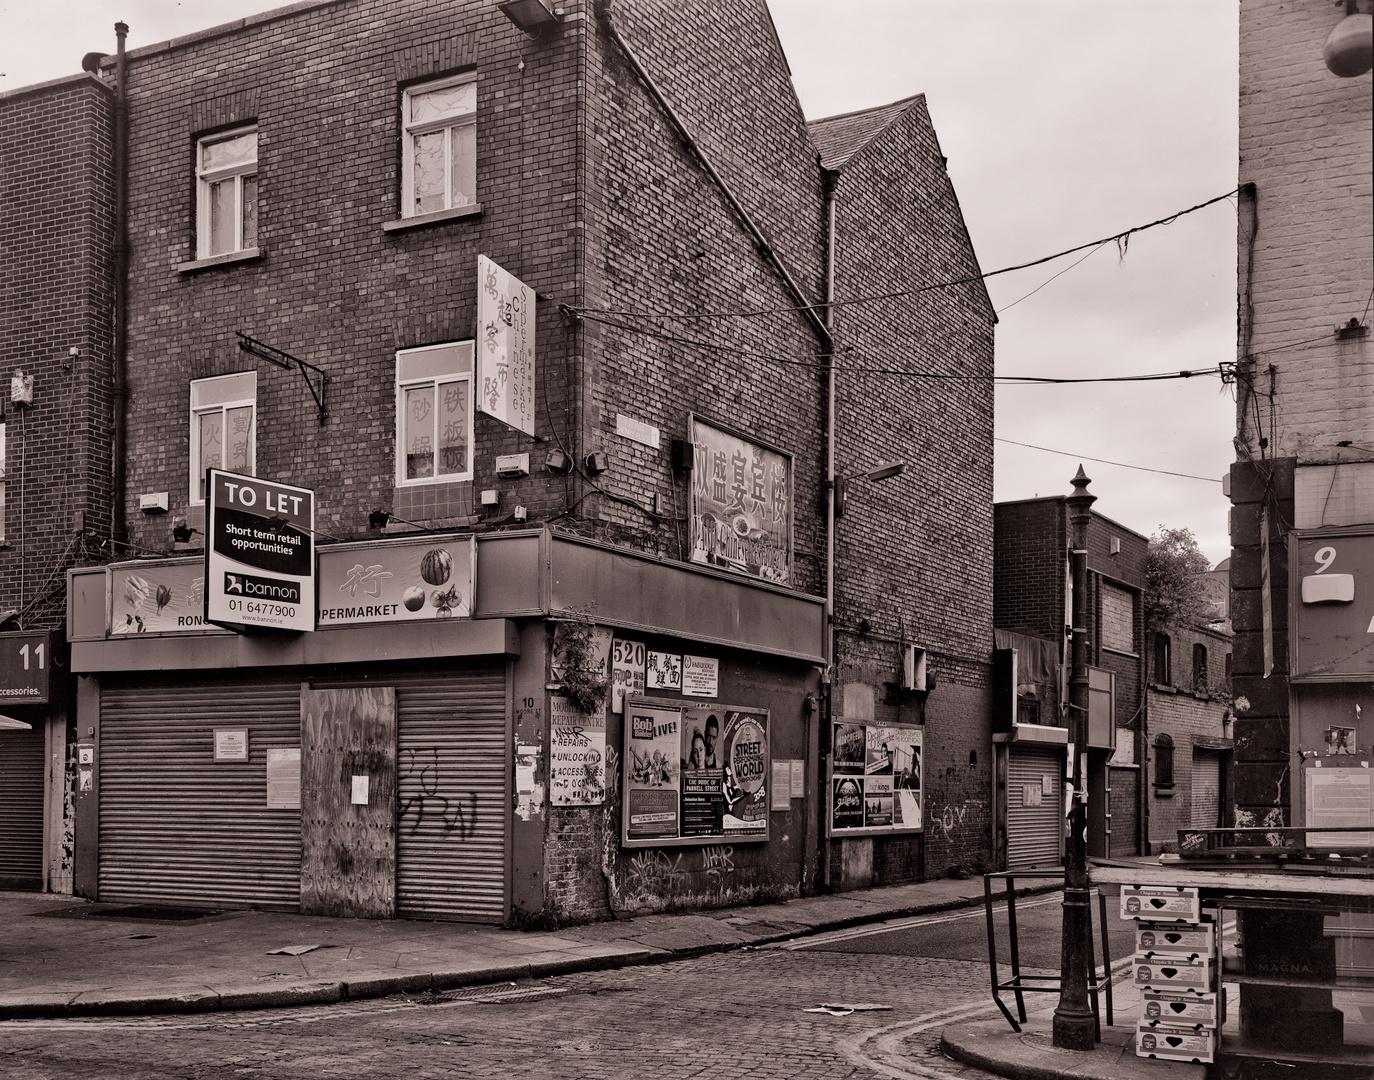 moore_street_films-8.jpg